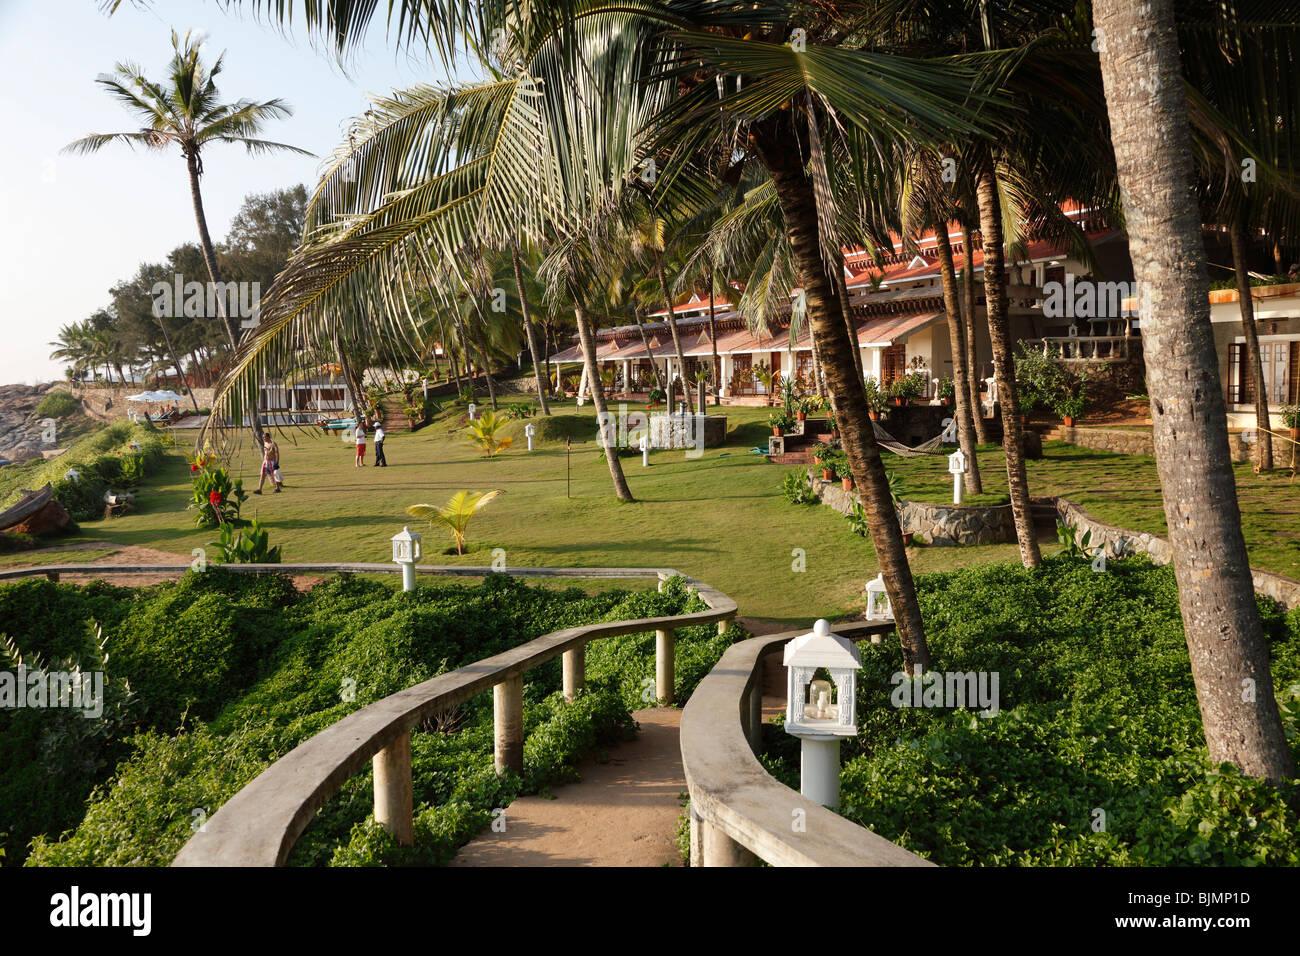 Asiatischer Garten Indien Stock Photos Asiatischer Garten Indien